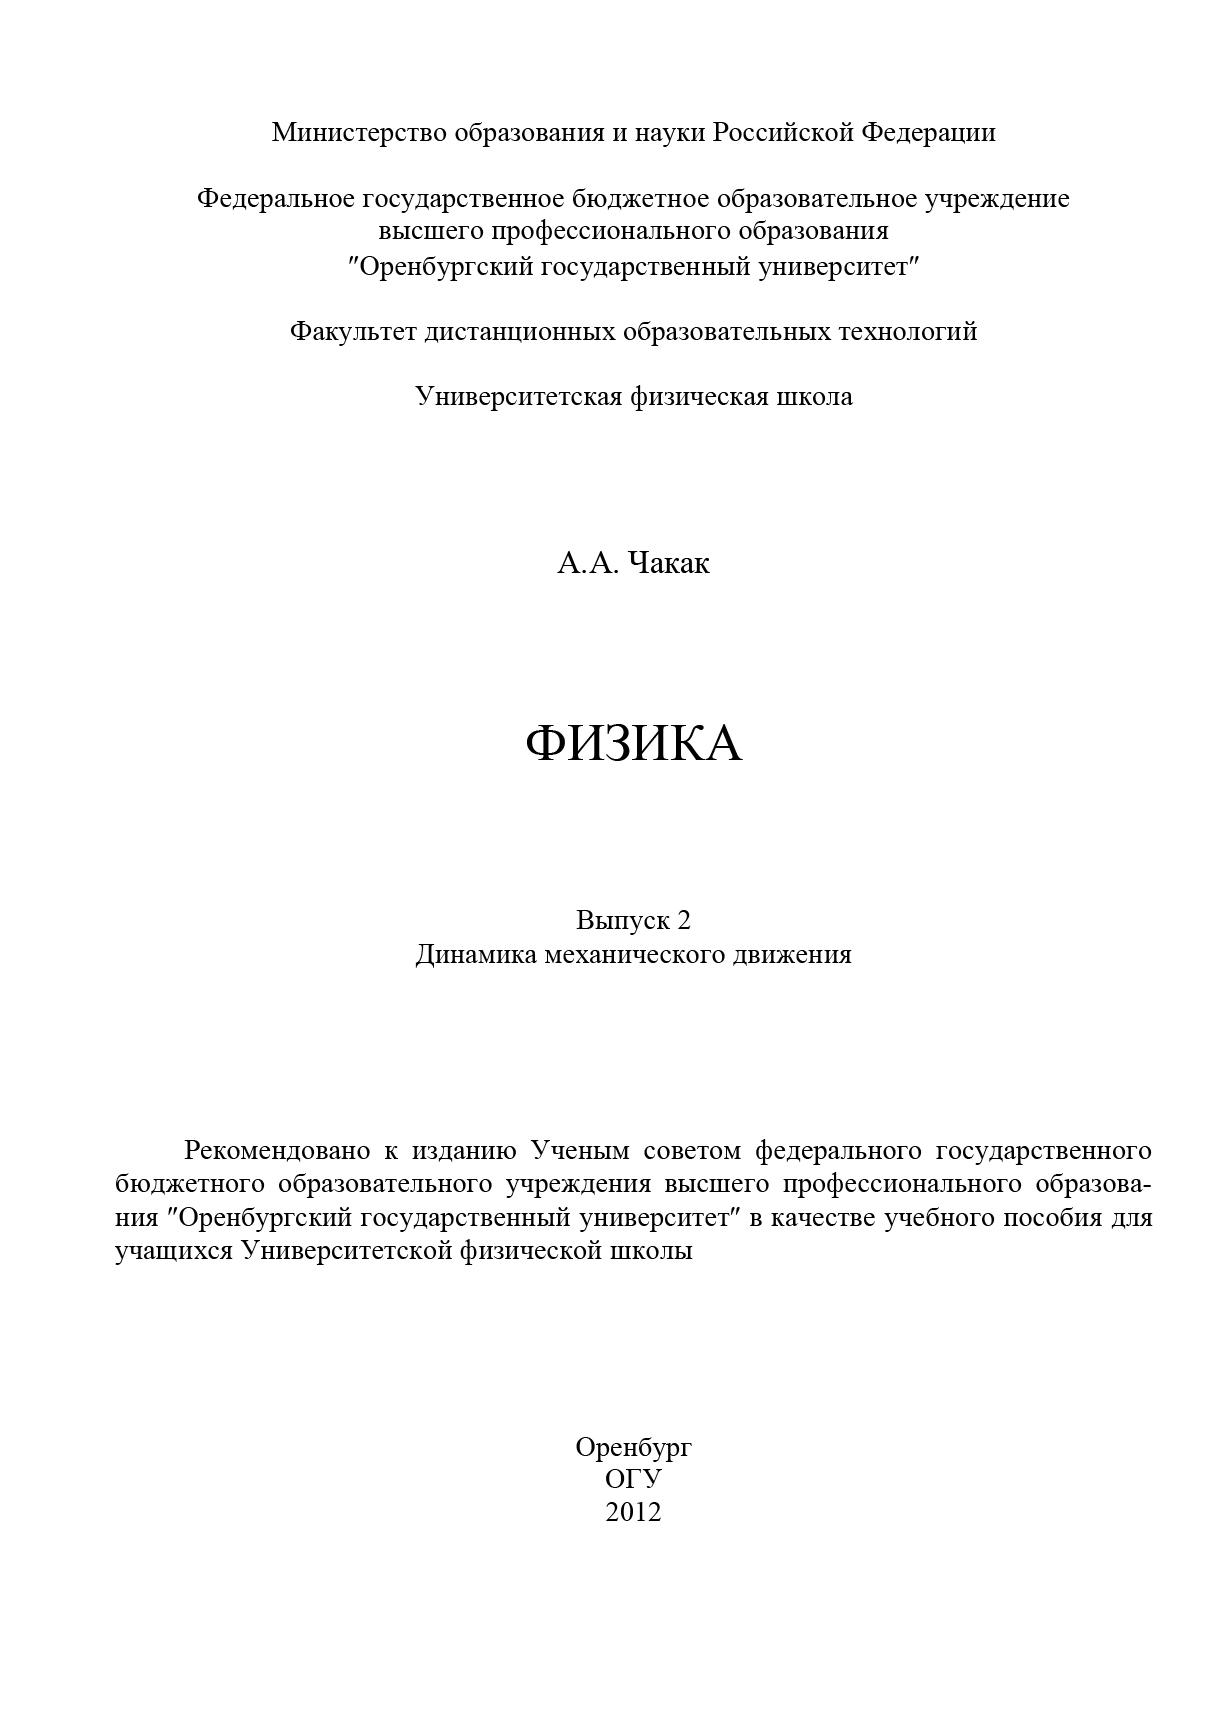 А. Чакак Физика. Вып. 2. Динамика механического движения а чакак физика вып 2 динамика механического движения